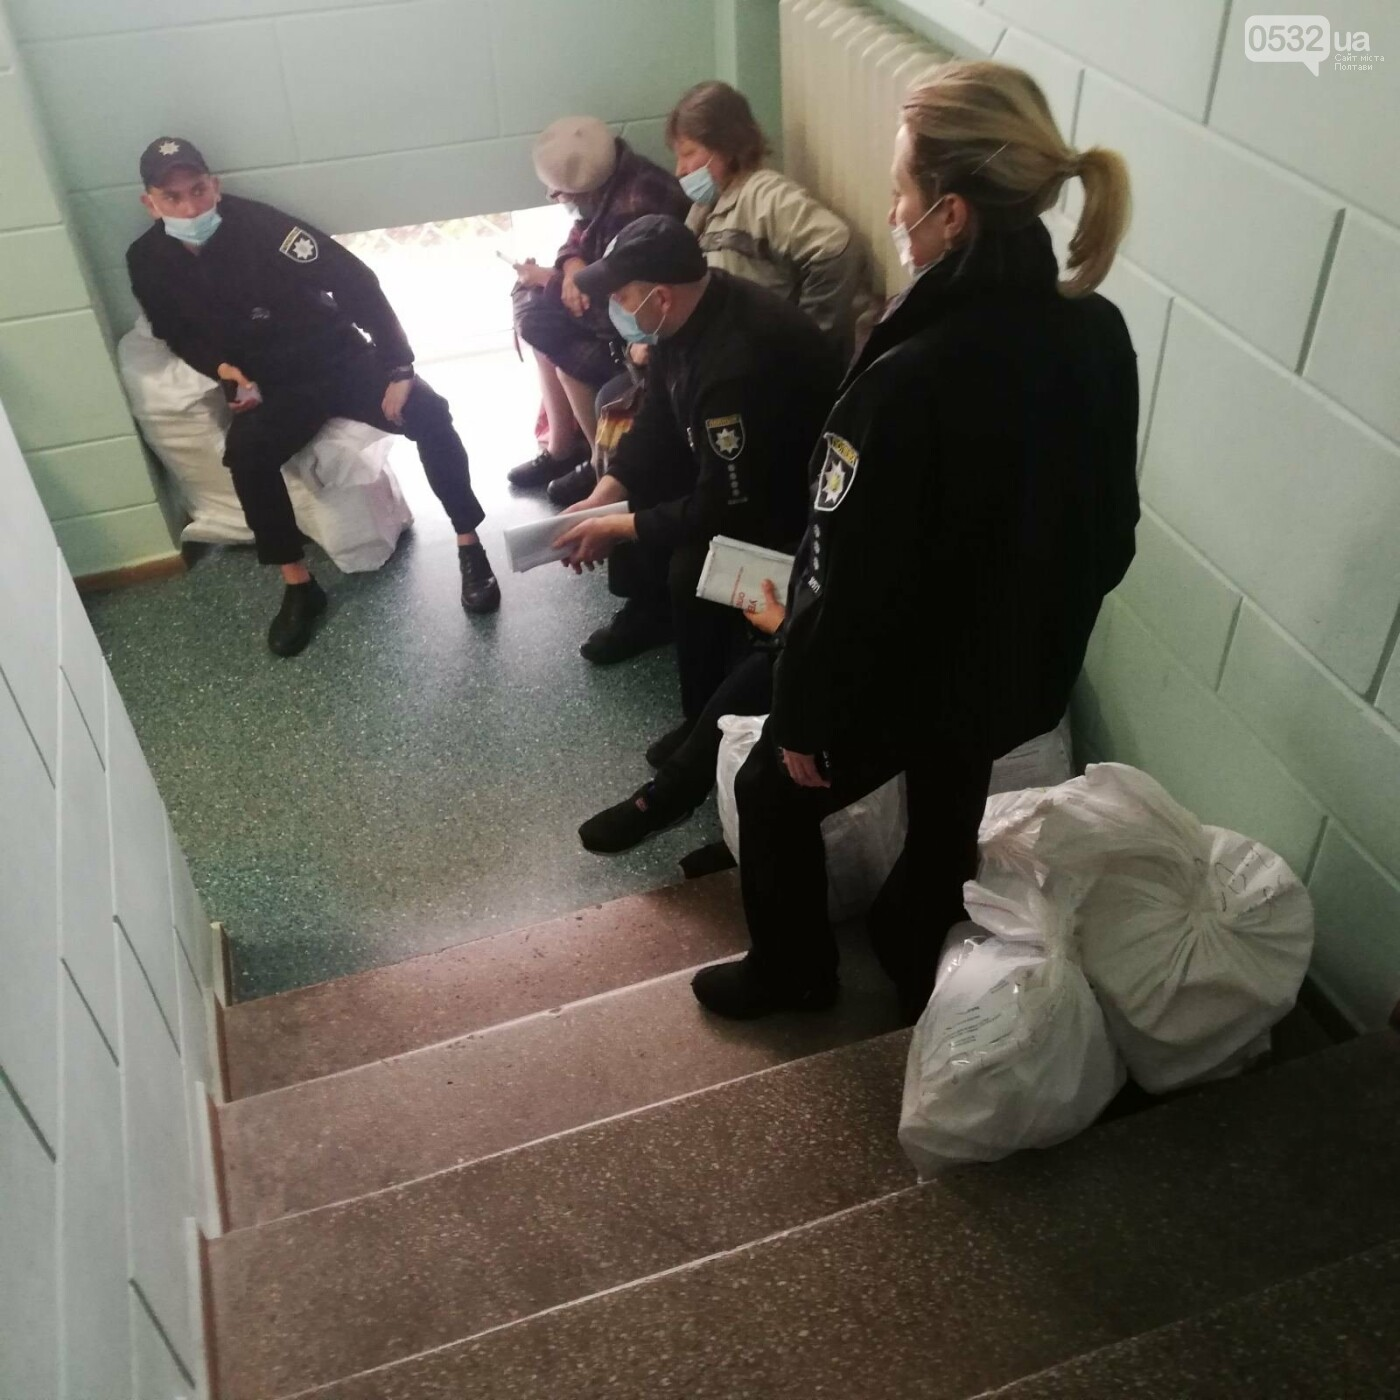 Поліцейські сидять на мішках: як у Полтаві приймають бюлетені у ТВК (ФОТО), фото-3